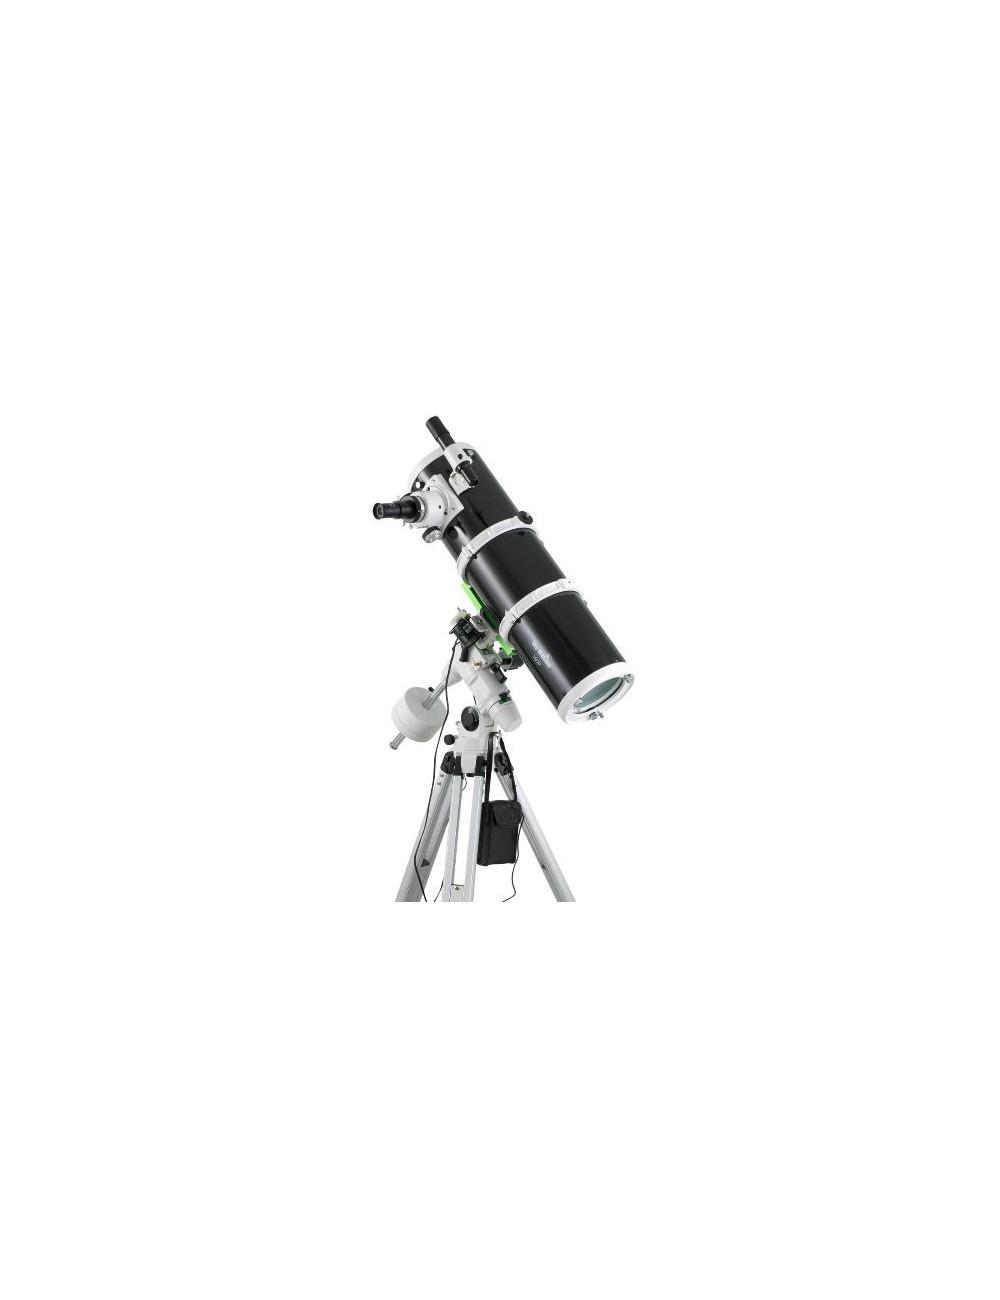 Télescope Sky-Watcher 150/750 sur EQ3-2 motorisée double axe BD